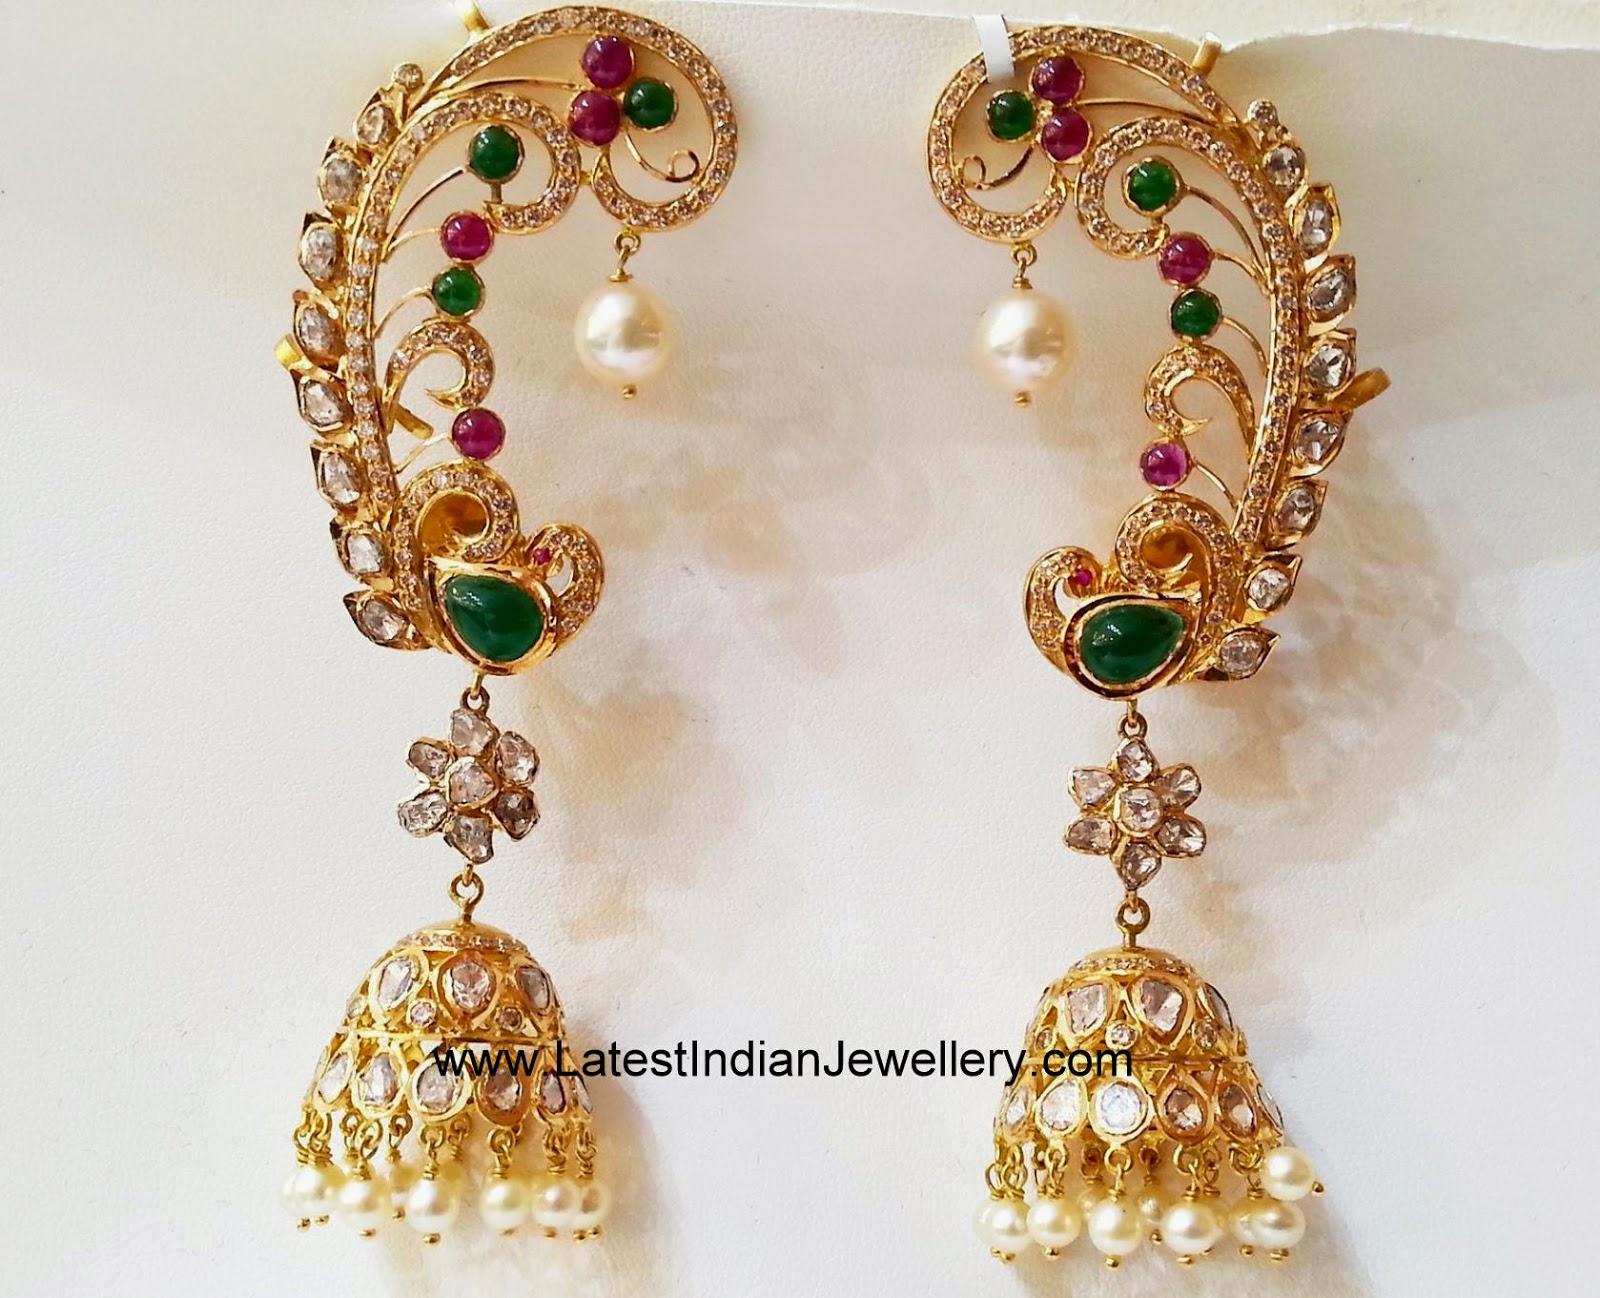 Peacock Design All Over Earrings